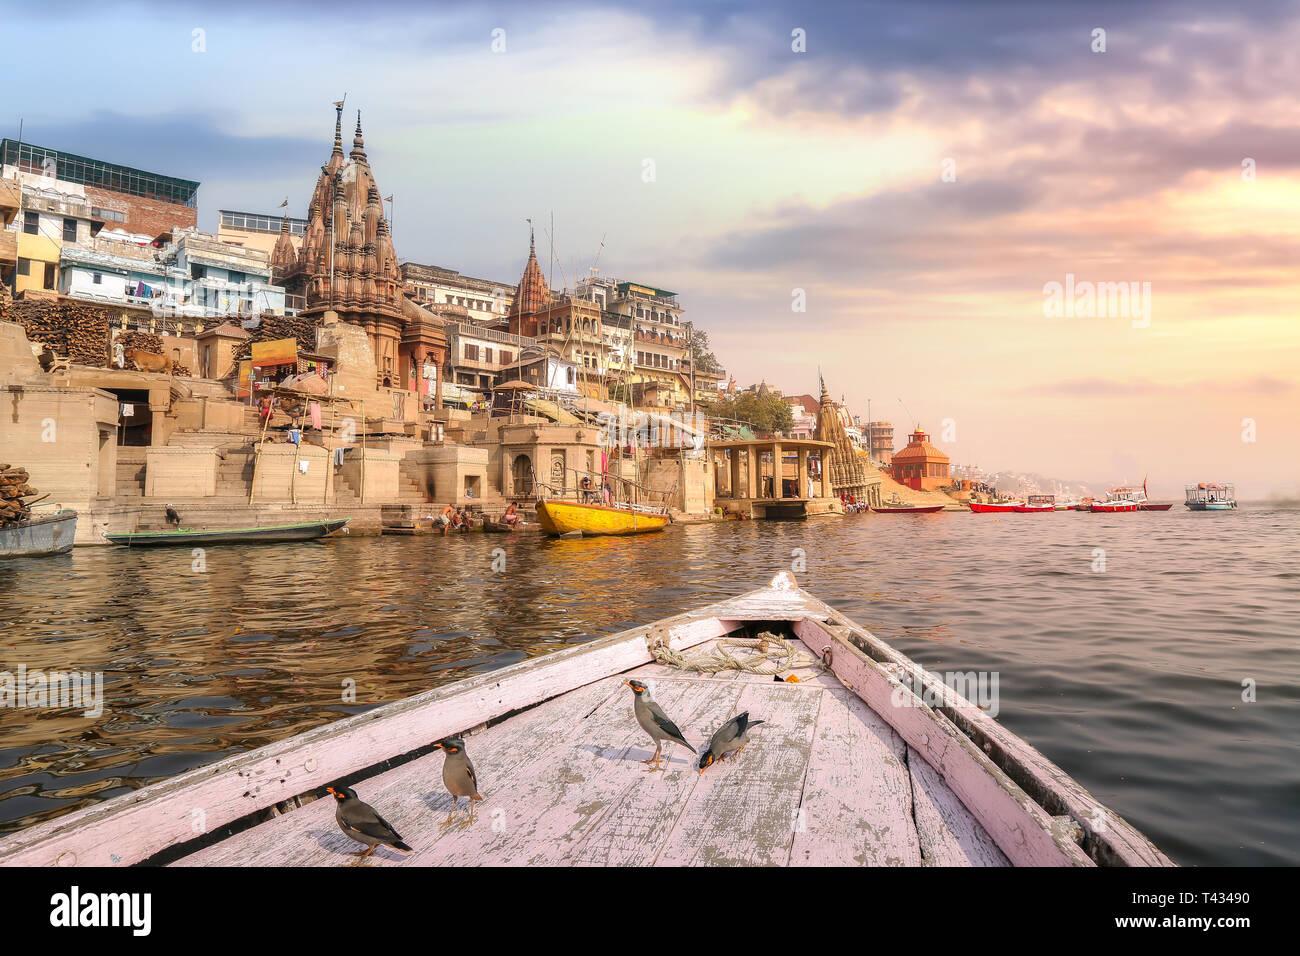 La India antigua arquitectura de la ciudad de Varanasi, visto desde un barco en el río Ganges con vista de las aves migratorias con moody sunset sky Imagen De Stock